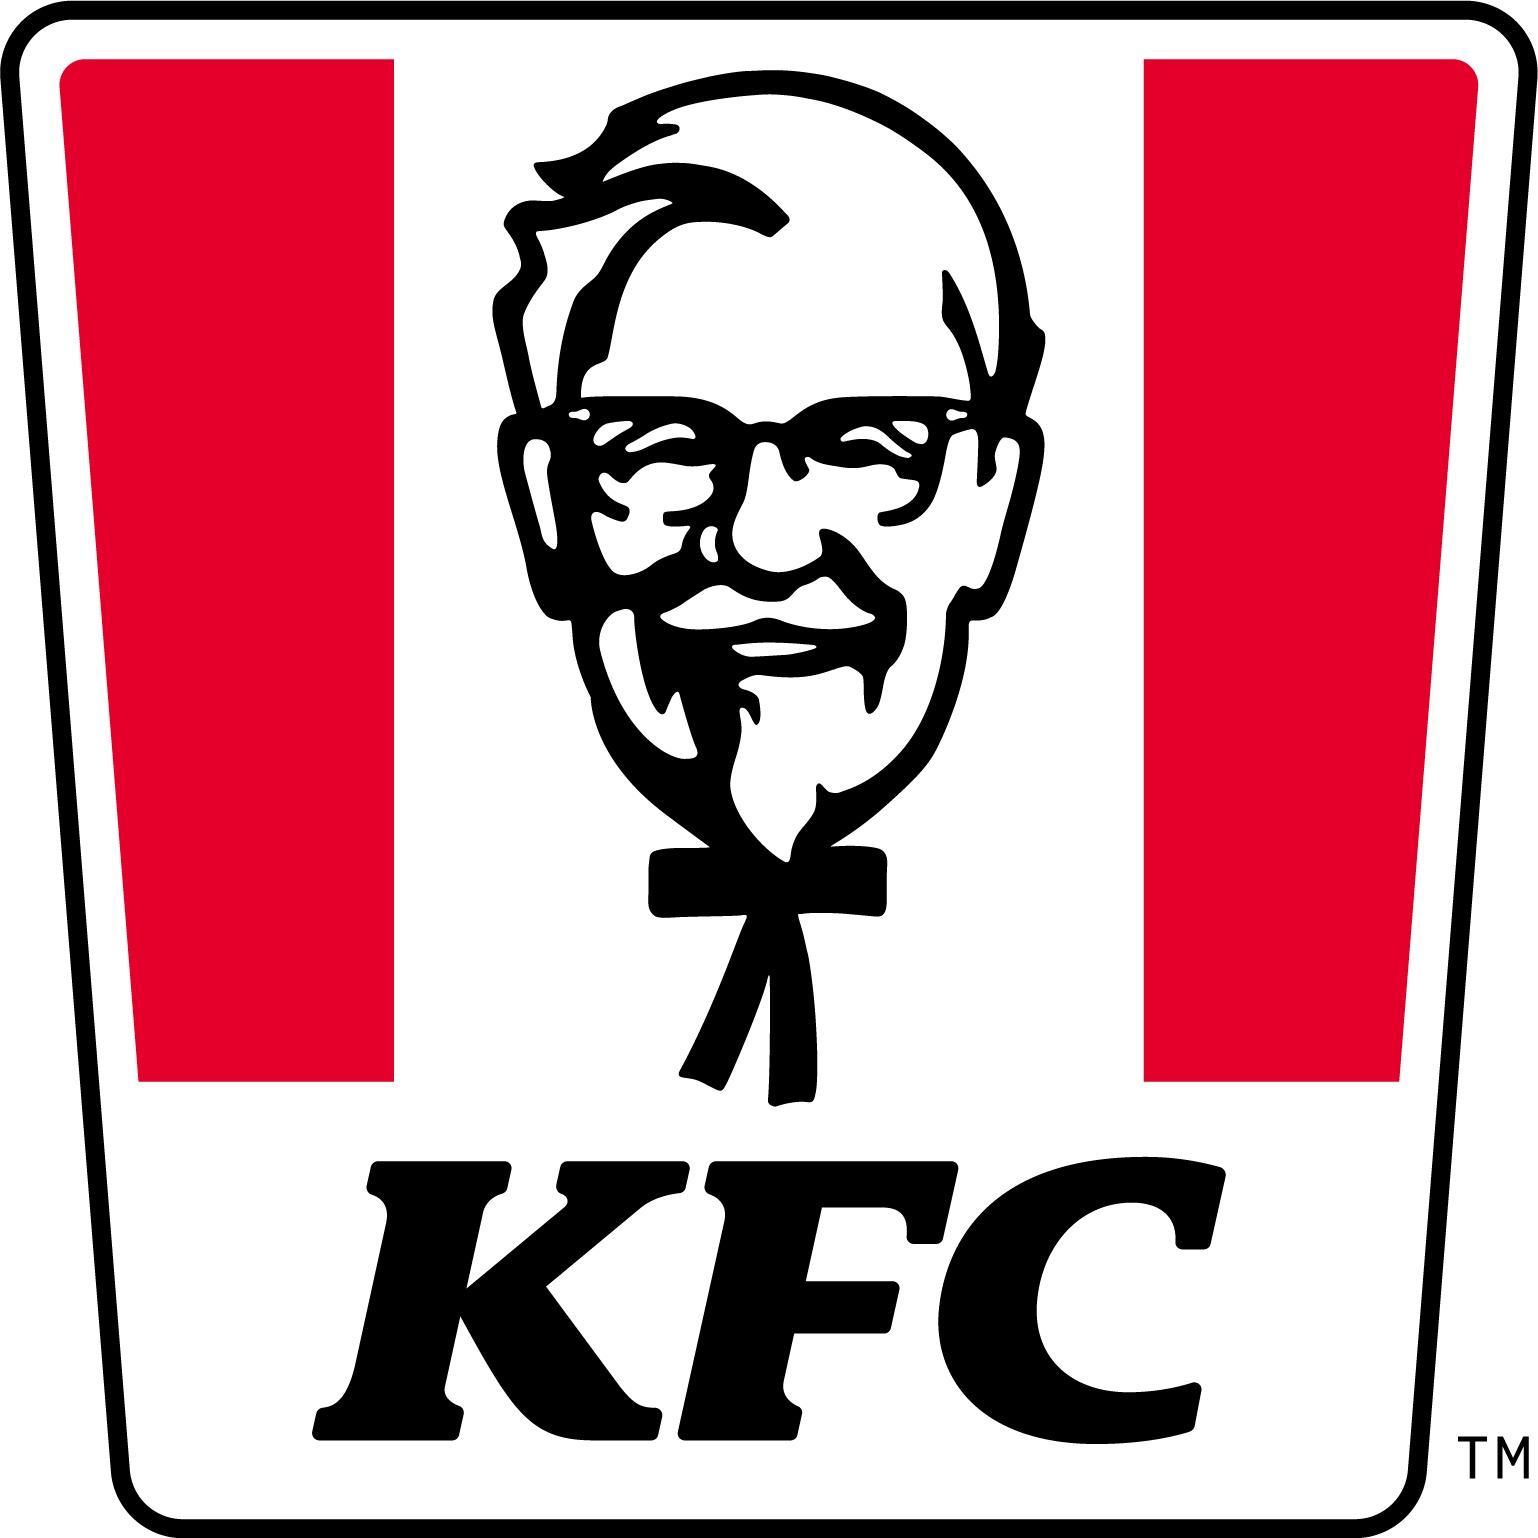 KFC - Pearland, TX 77581 - (346)410-0610 | ShowMeLocal.com